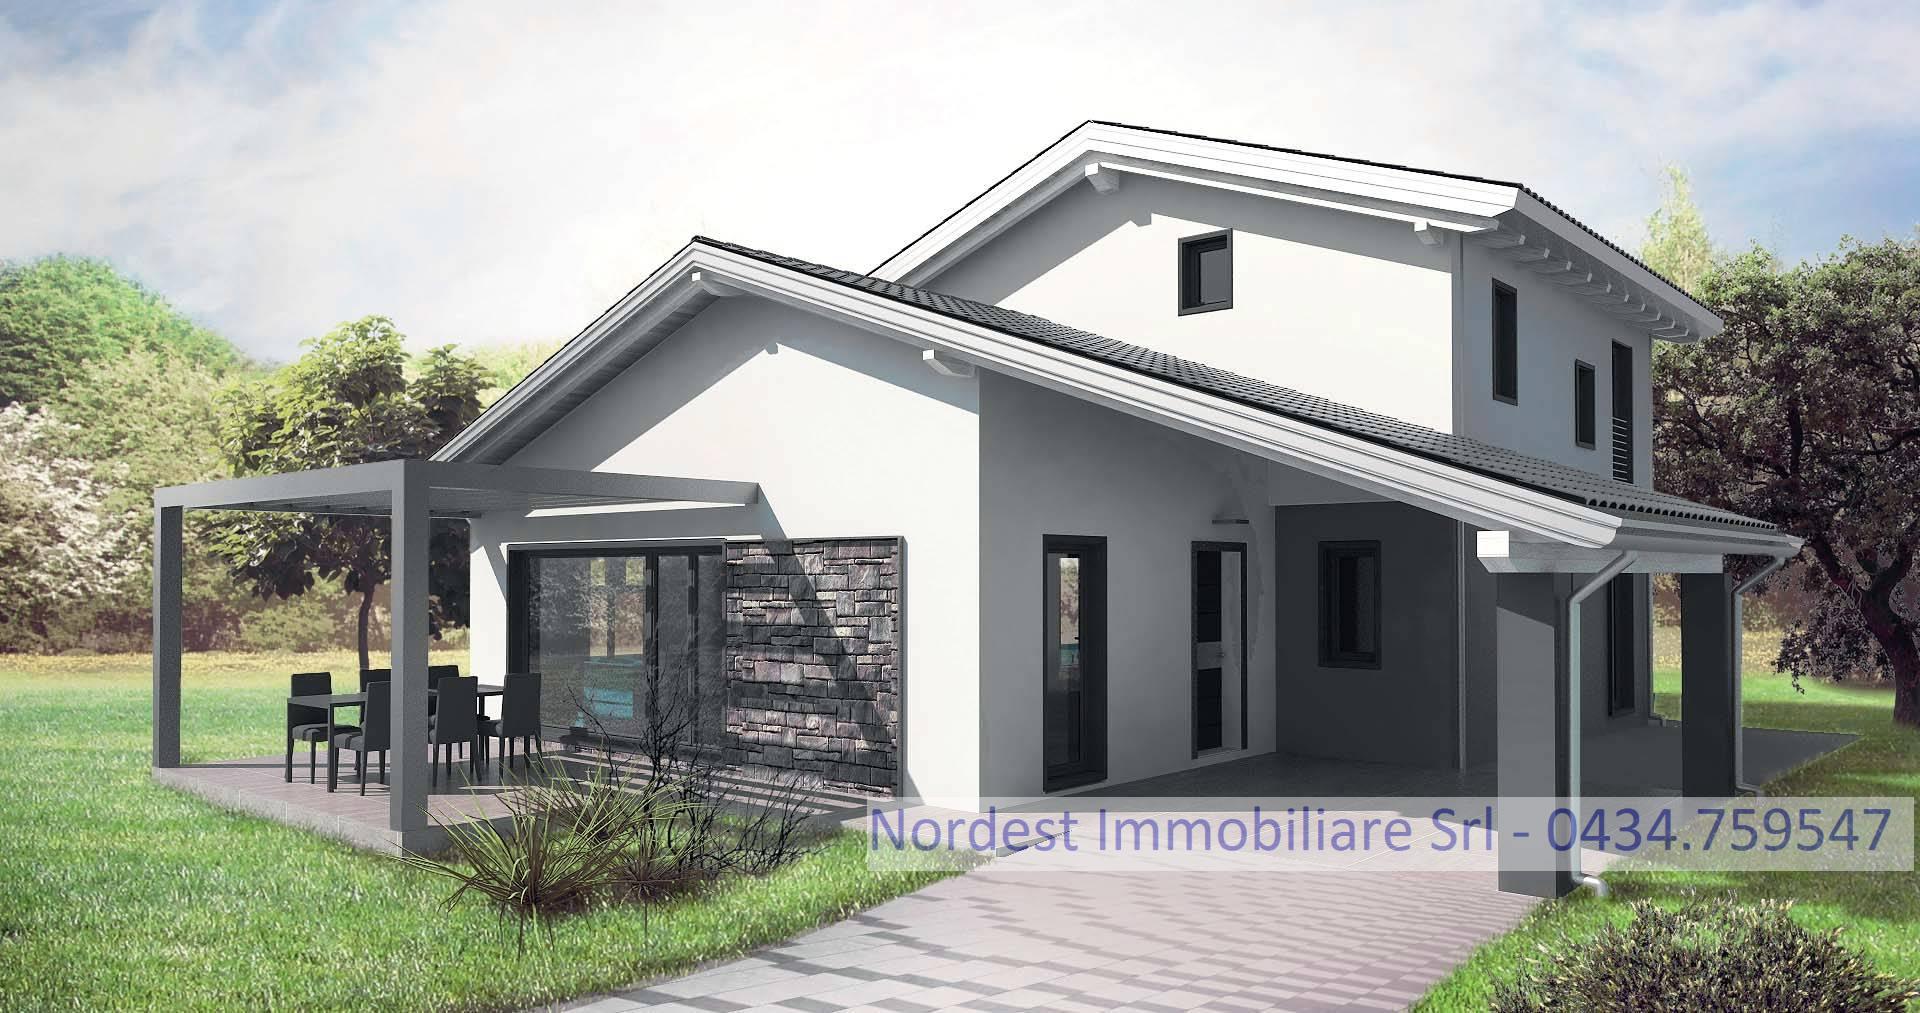 Soluzione Indipendente in vendita a Agordo, 6 locali, prezzo € 160.000 | CambioCasa.it